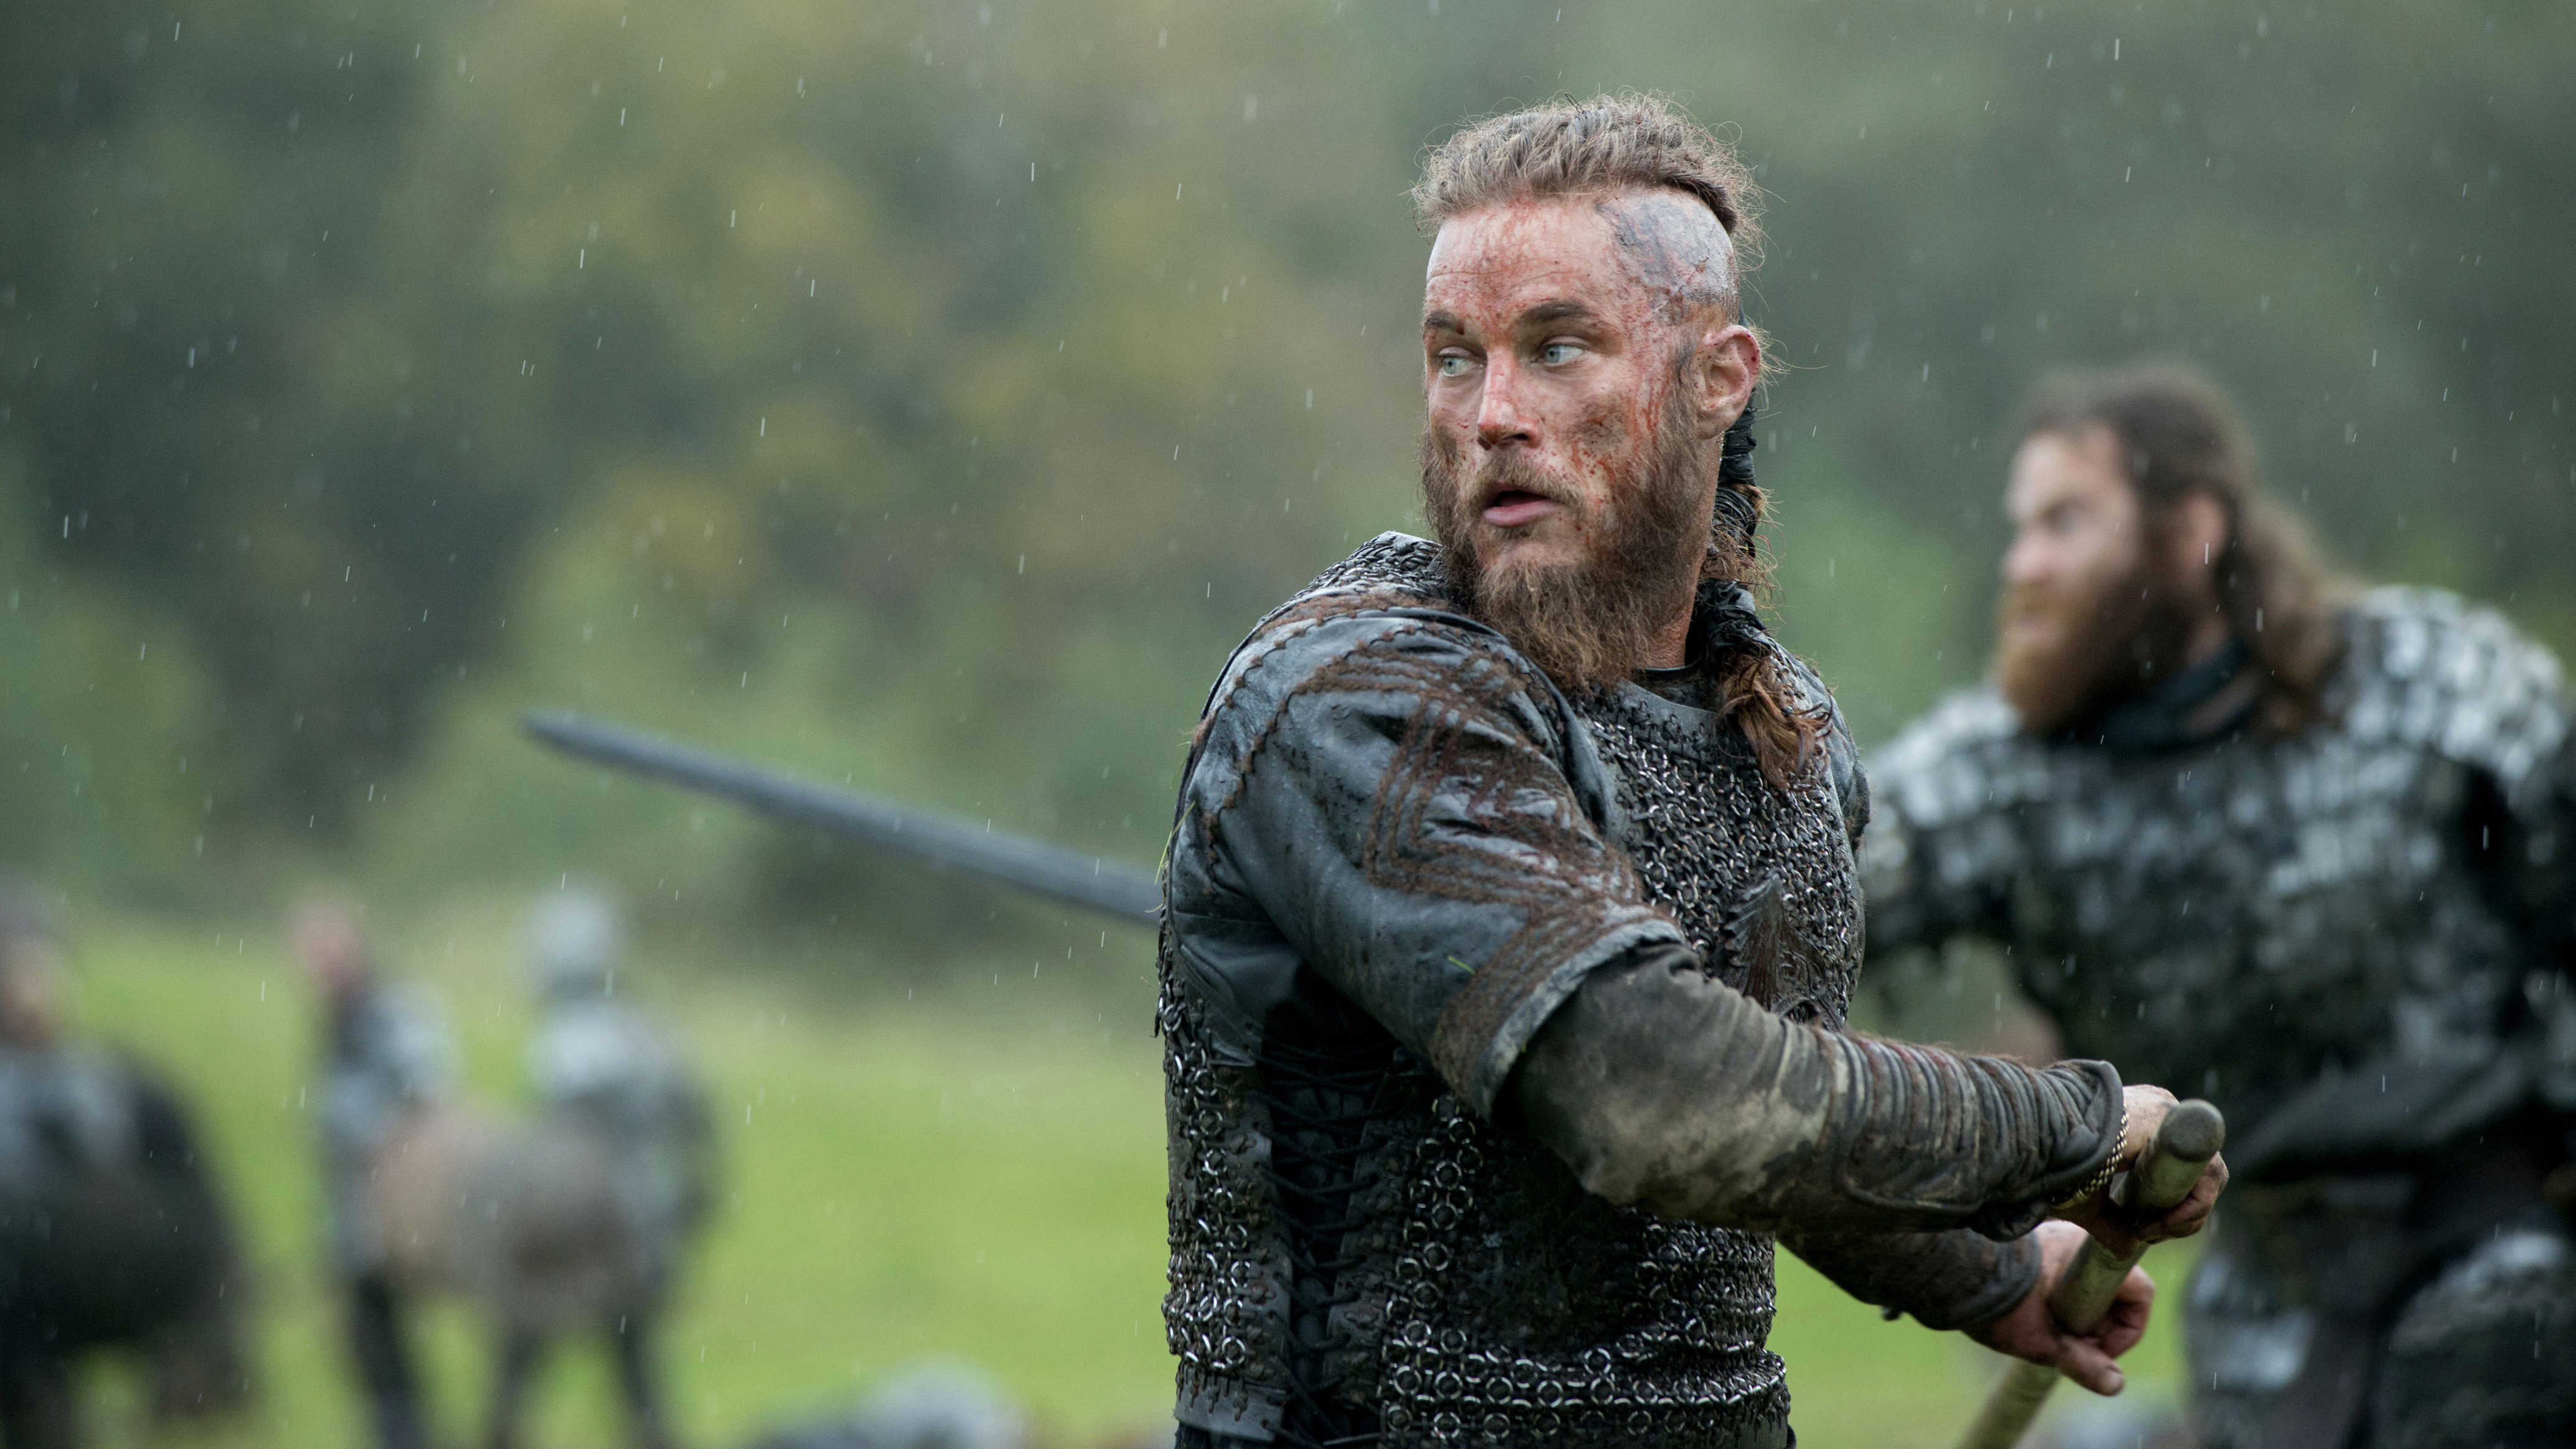 Season 2, Episode 9: The Choice - Vikings | HISTORY